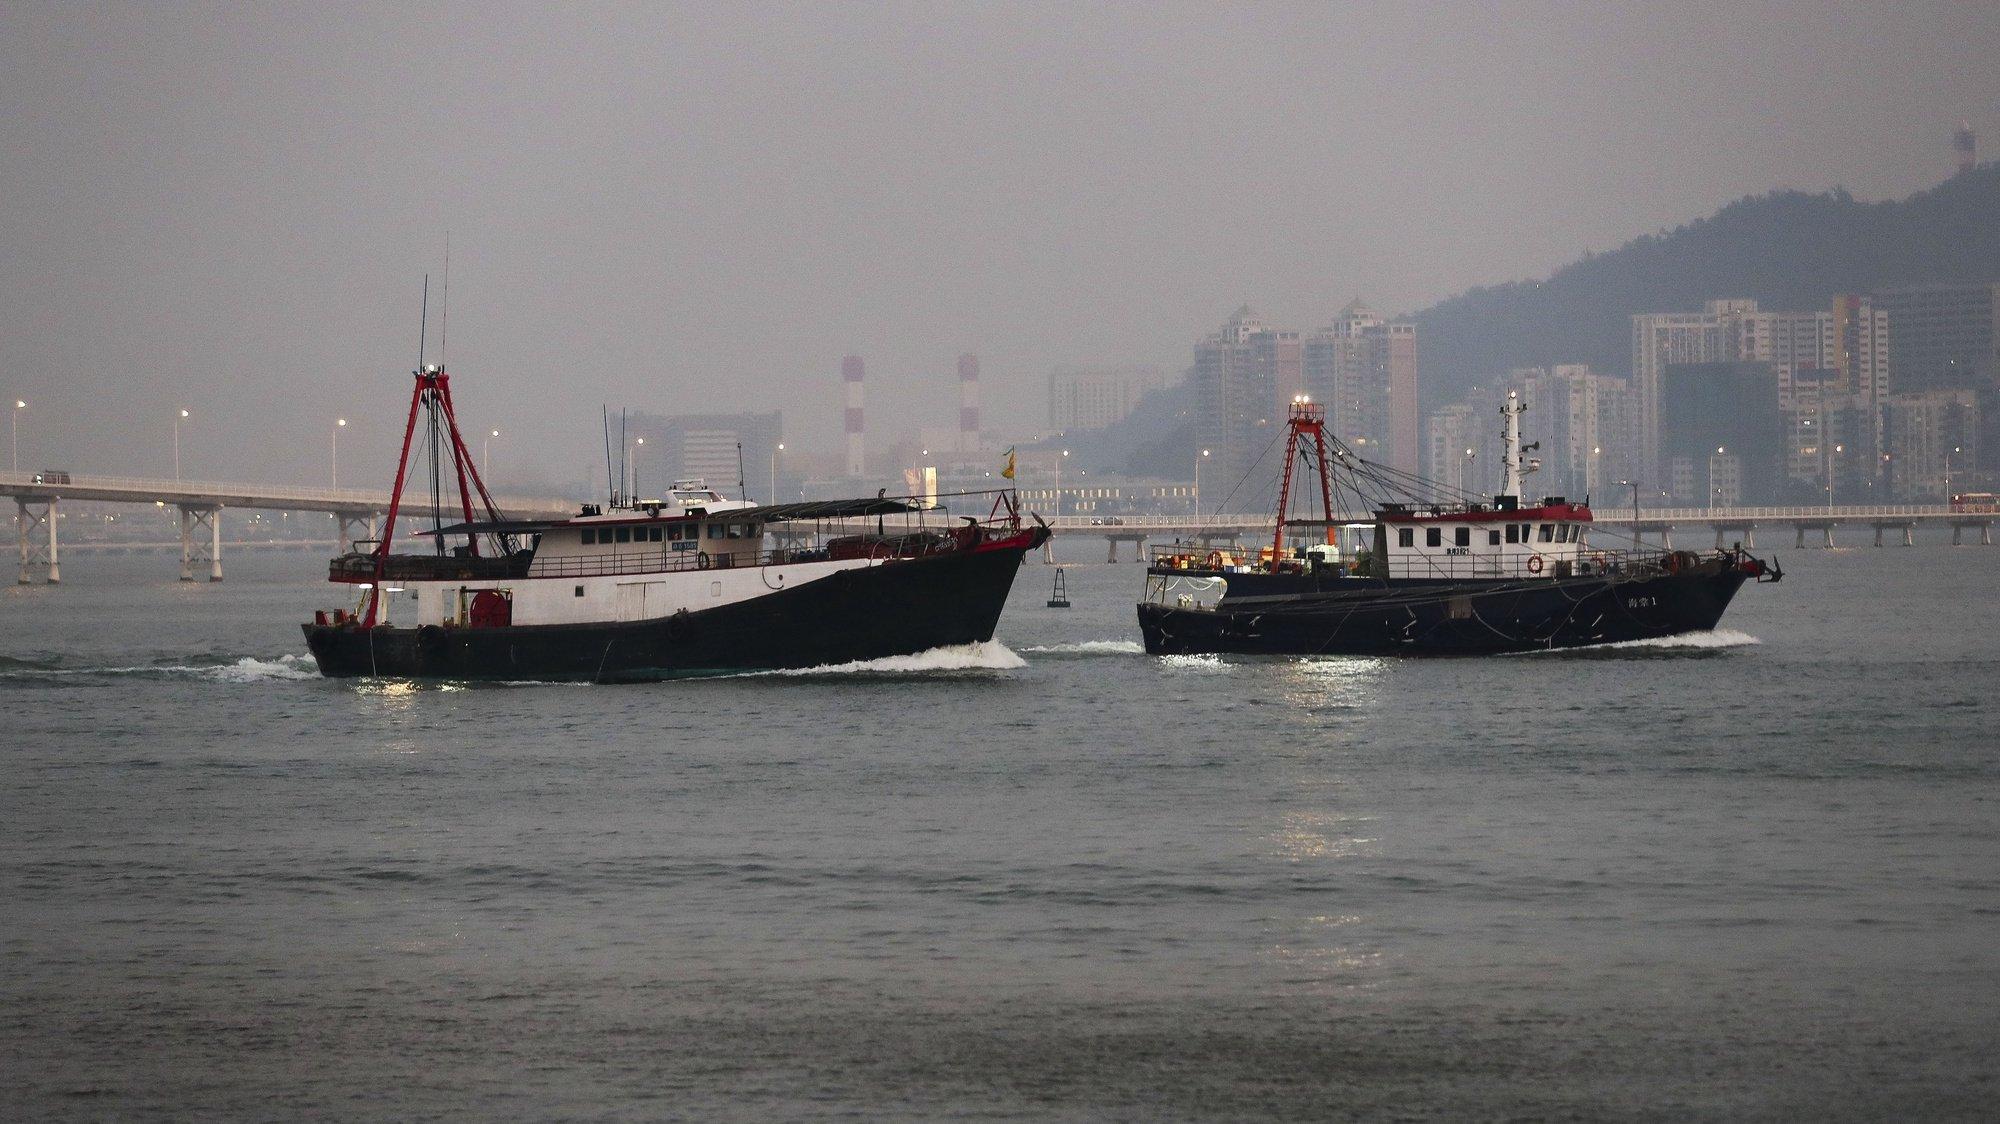 Barcos de pesca de Macau siem para a faina tendo como fundo edifícios da Taipa, Macau, China.17 de dezembro de 2019. JOÃO RELVAS/LUSA